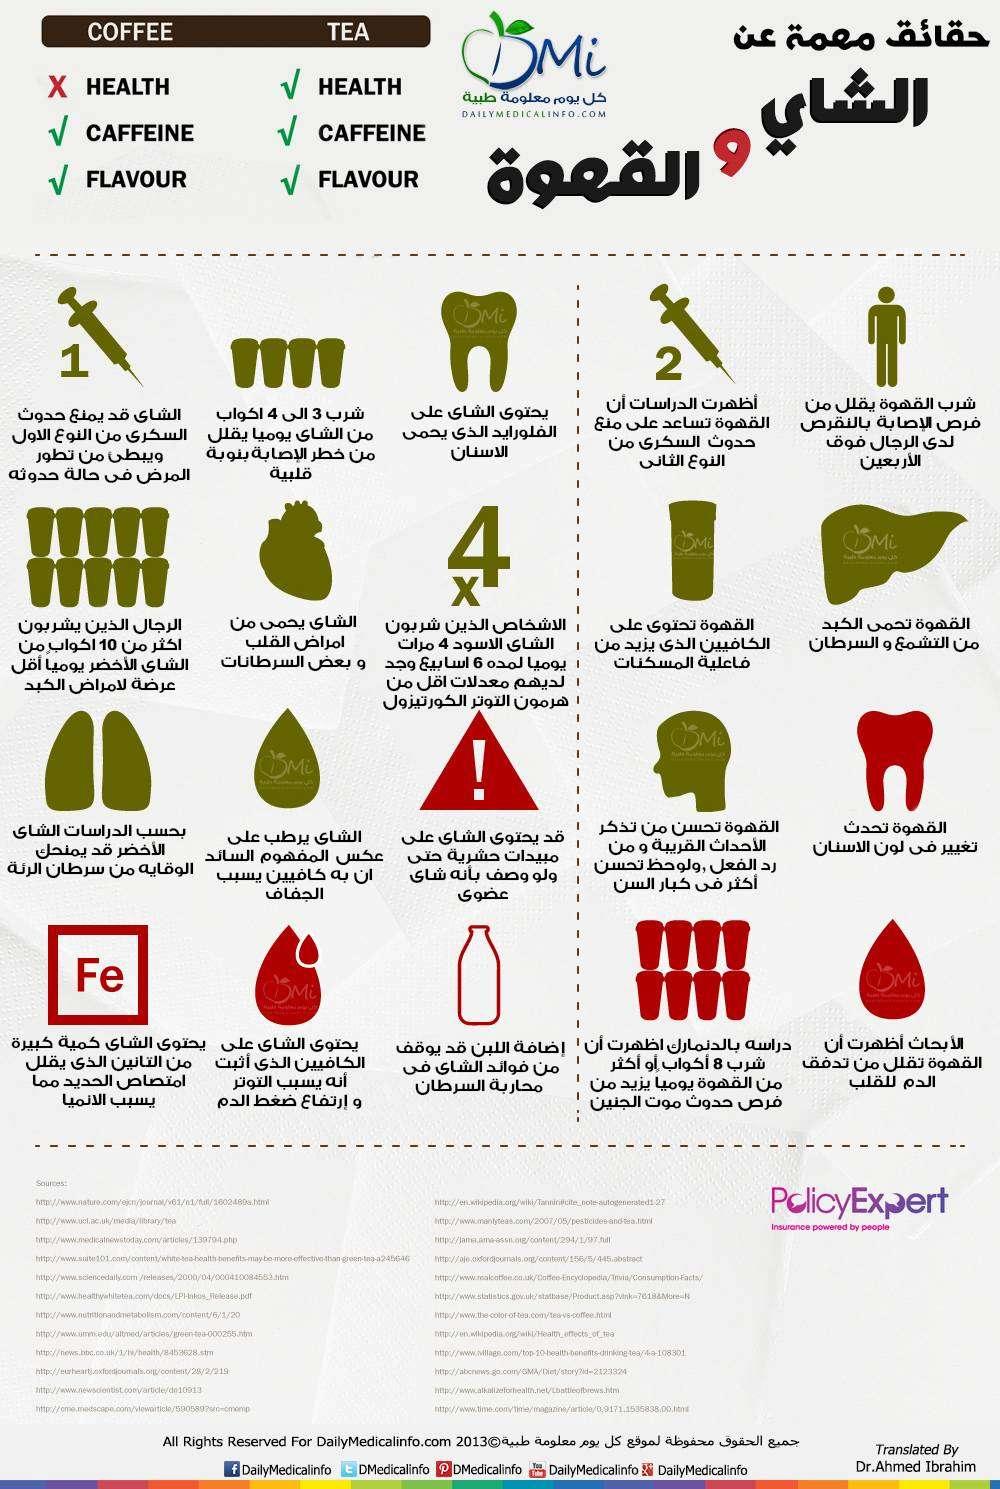 انفوجرافيك - صفحة 9 DailyMedicalinfo_Tea_vs_Coffee1